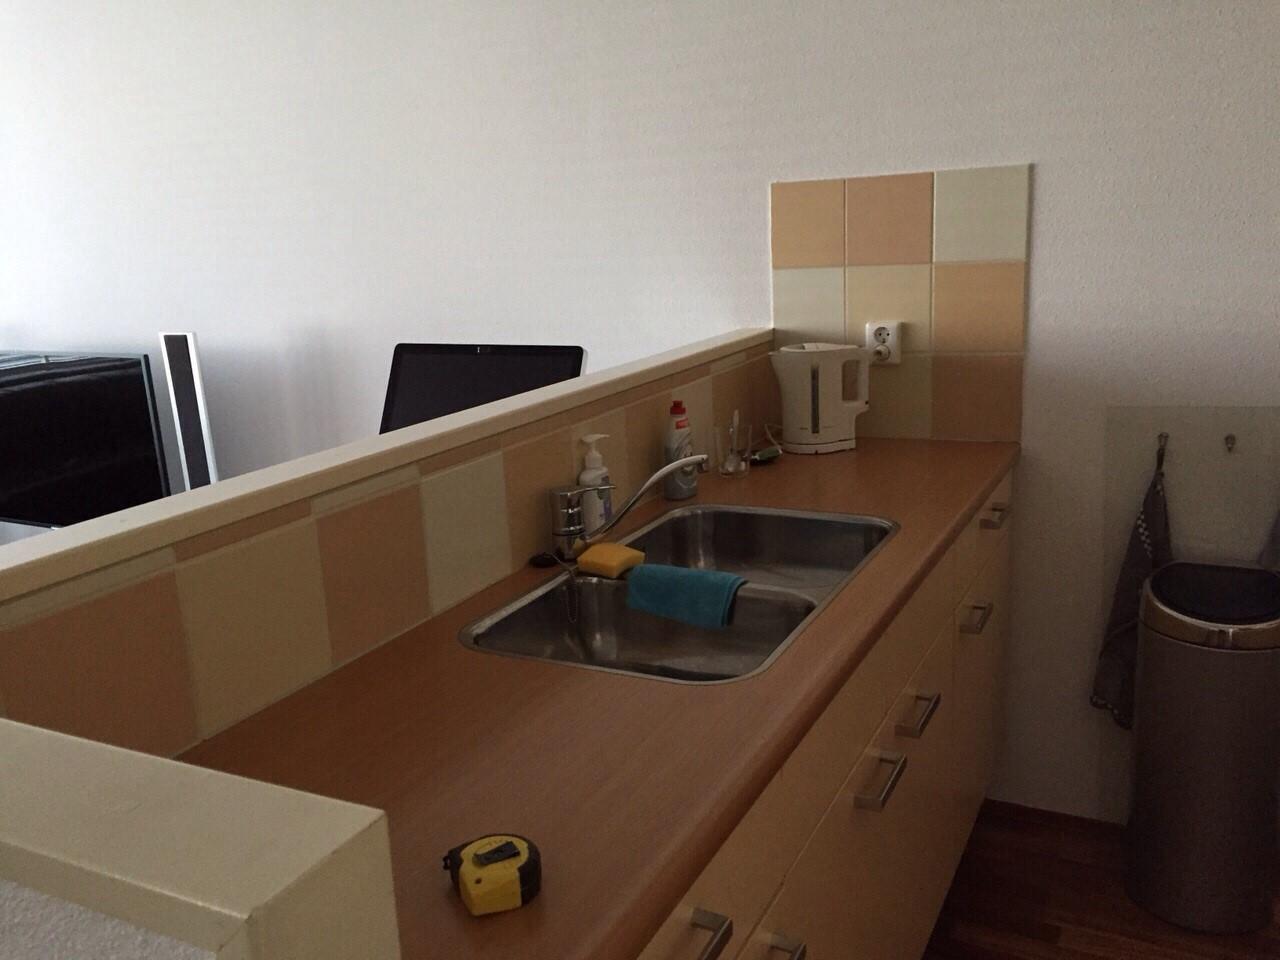 Keuken utrecht - Oude foto keuken ...